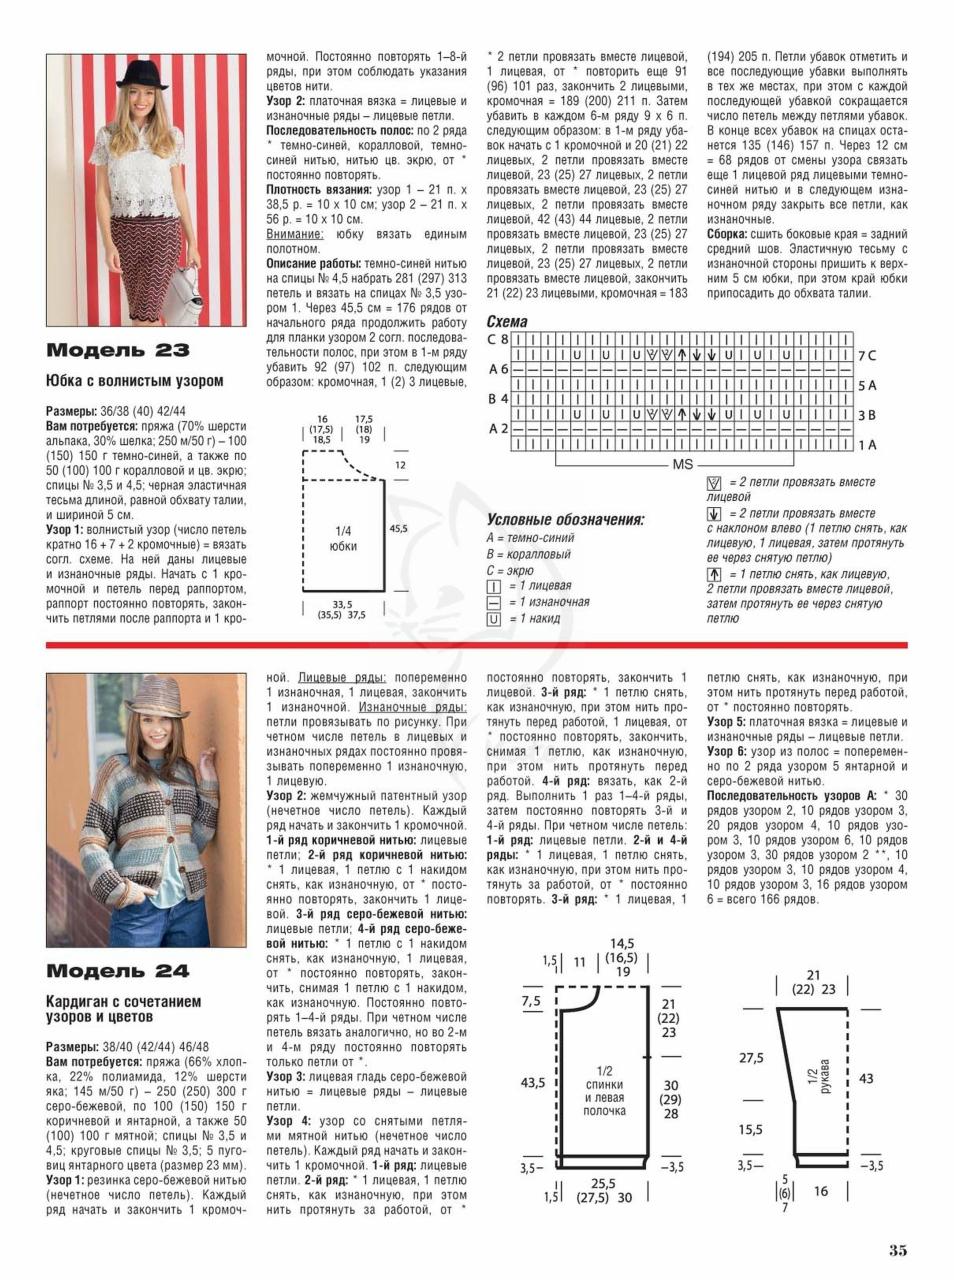 Как читать схемы вязания спицами Ажурные Узоры 12